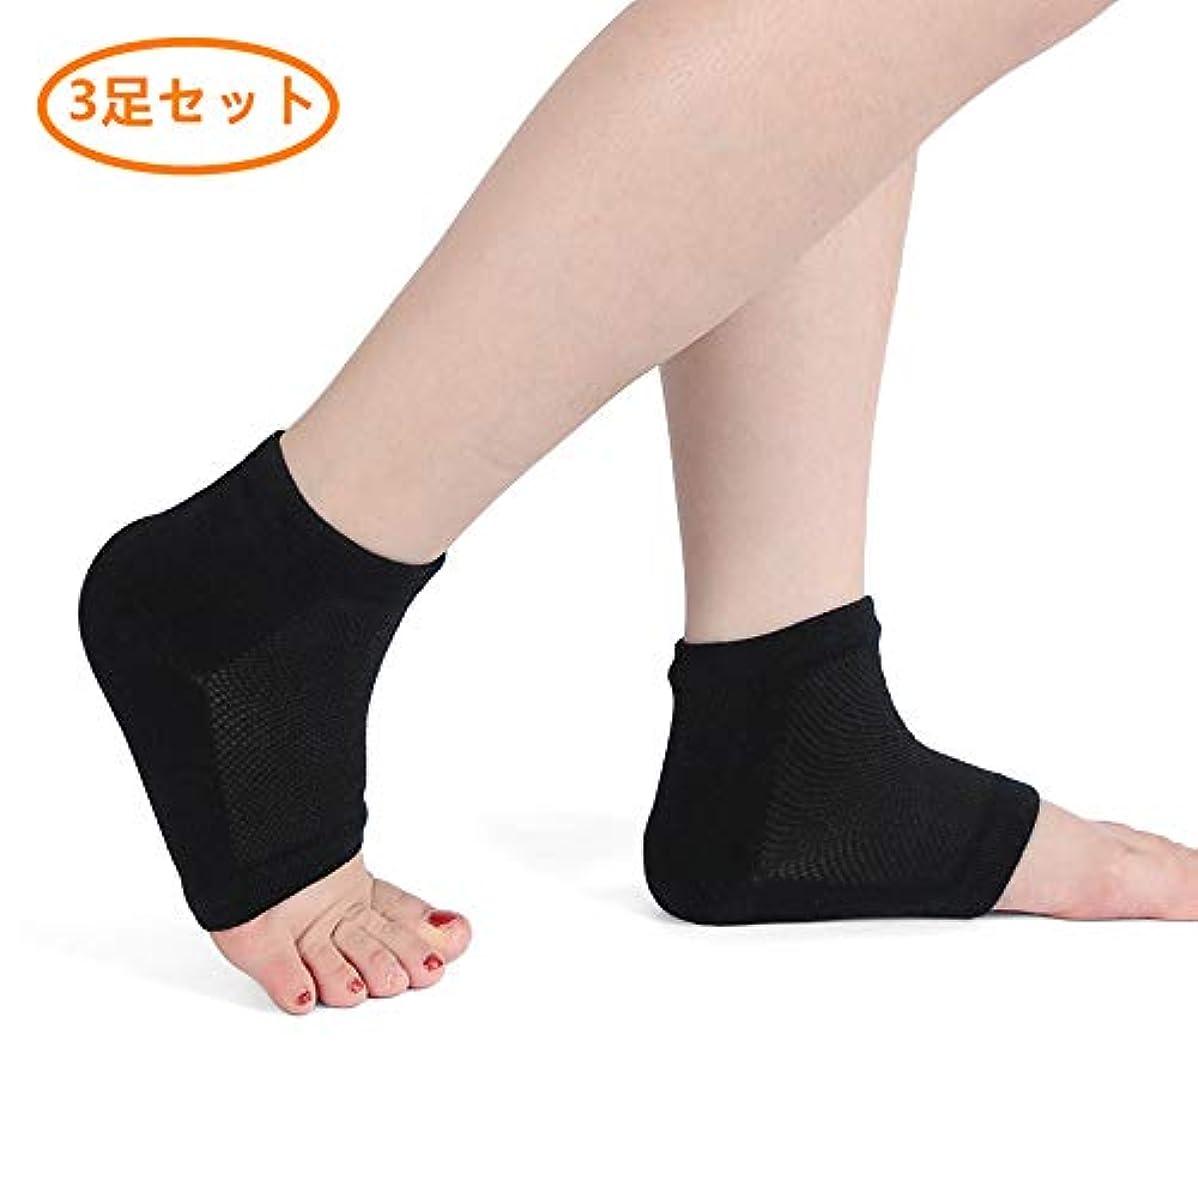 粘性の魅力的であることYUANSHOP1 かかとケア ソックス 3足セット かかと靴下 レディース メンズ ひび割れケア/角質除去/保湿/美容 足SPA 足ケア フリーサイズ (ブラック)